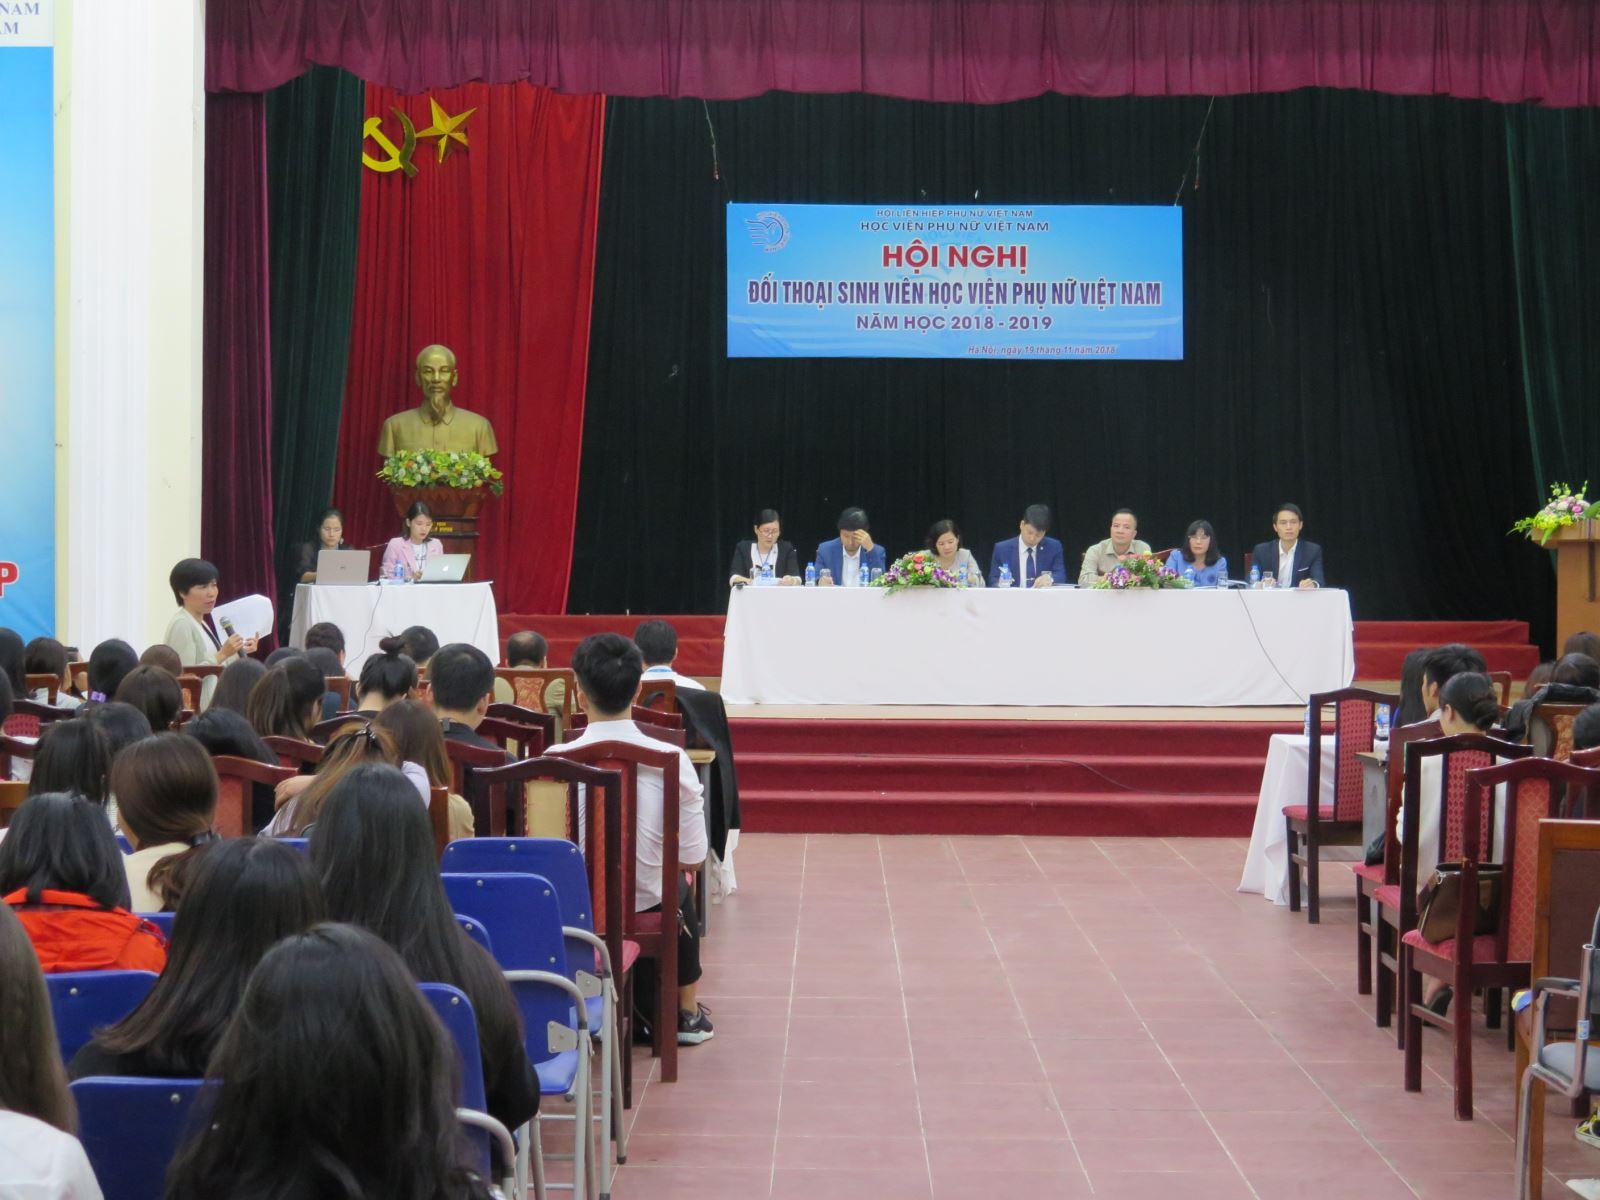 Học viện Phụ nữ Việt Nam tổ chức đối thoại với sinh viên